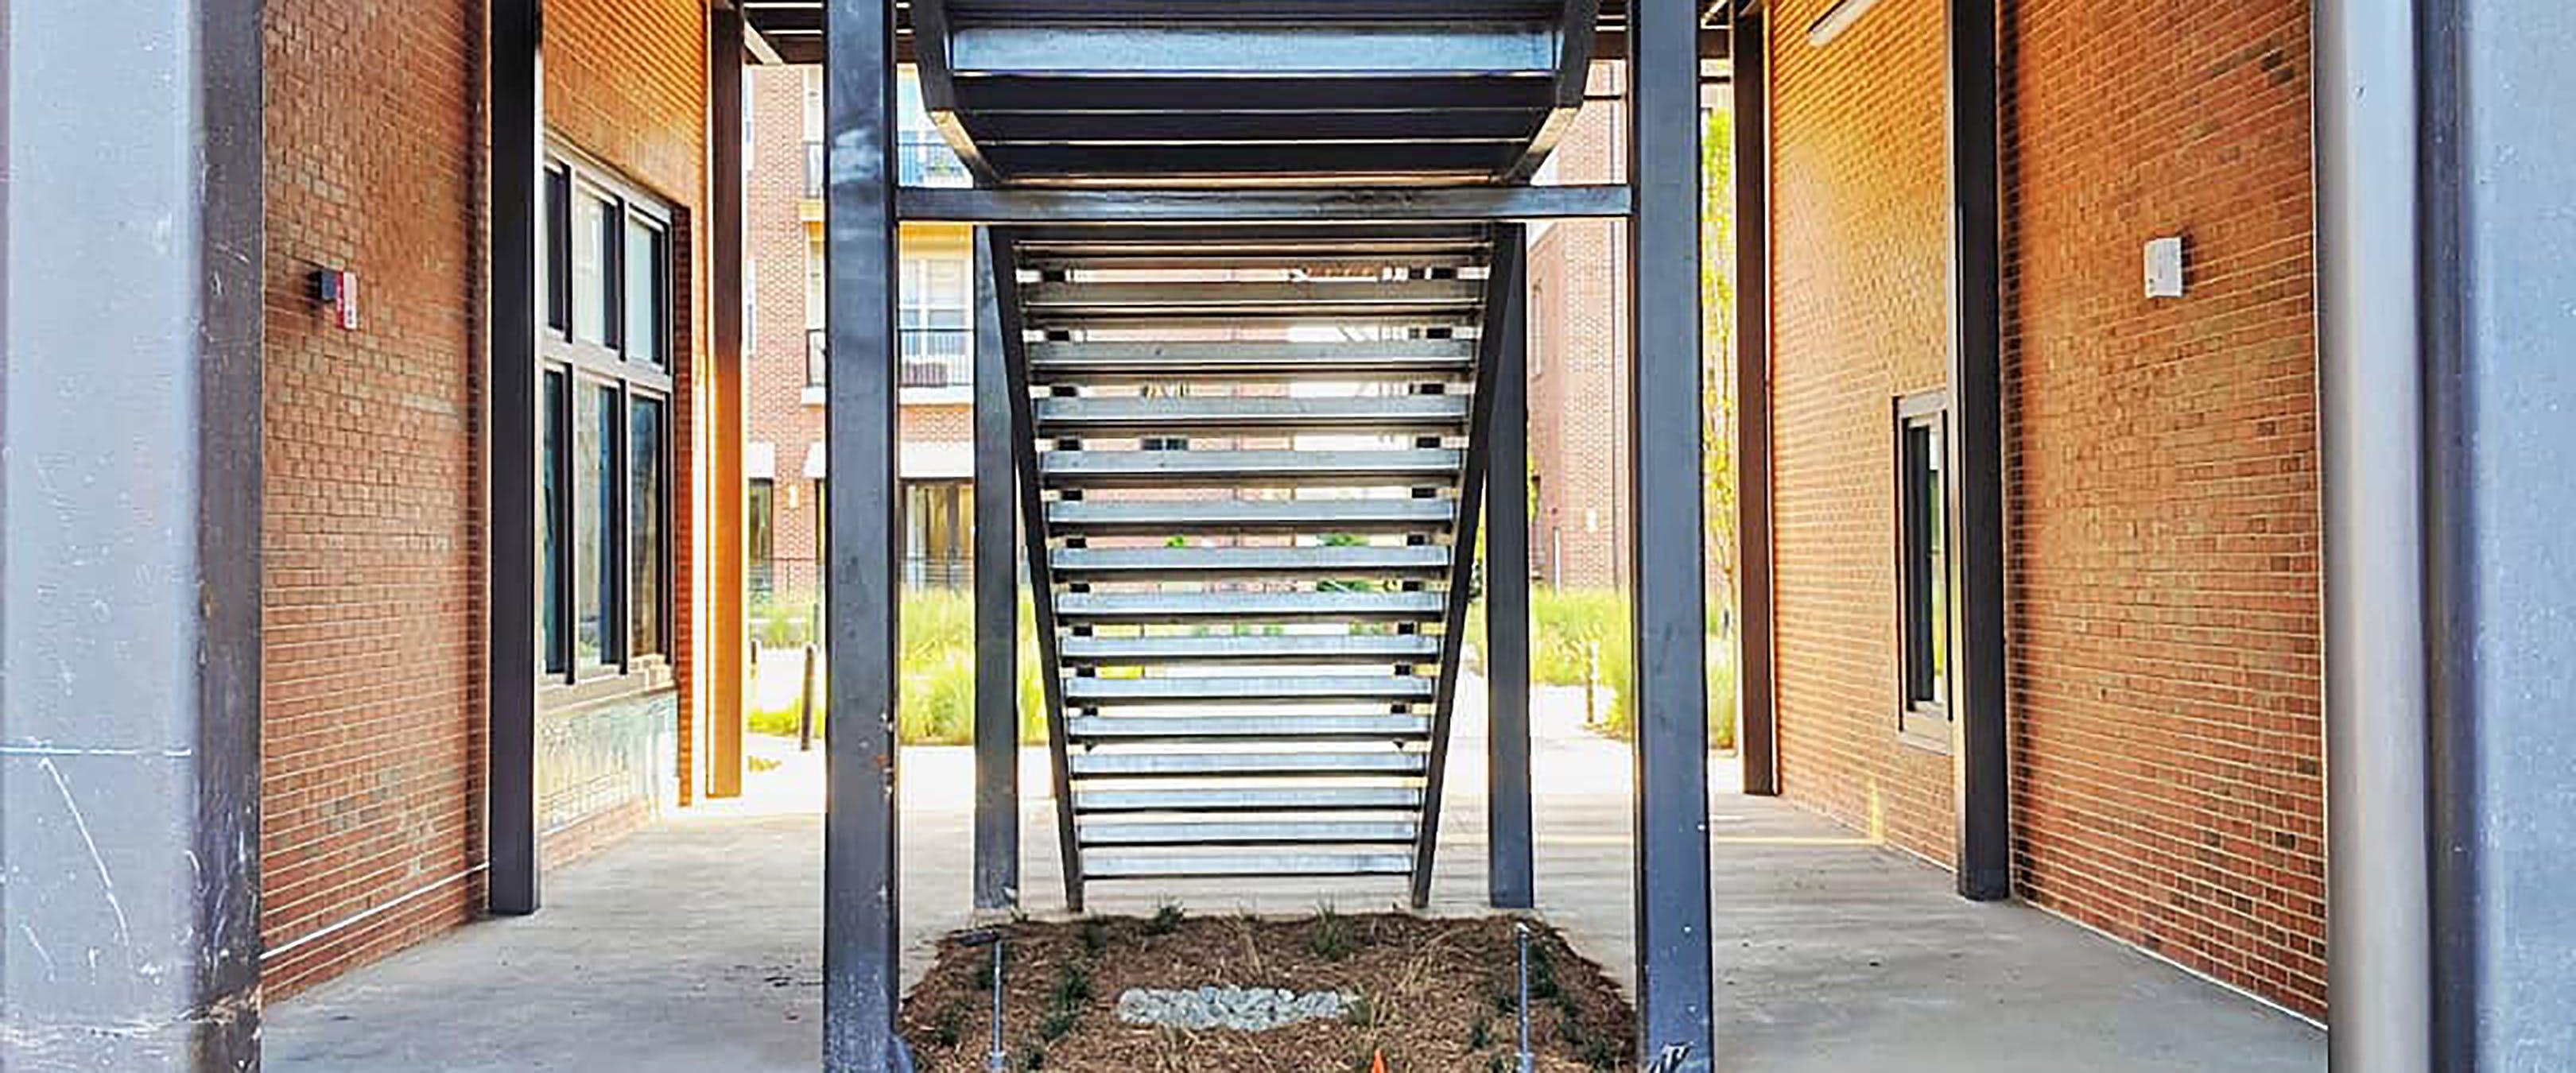 Δωρεάν στοκ φωτογραφιών με σκάλες, σύγχρονη αρχιτεκτονική